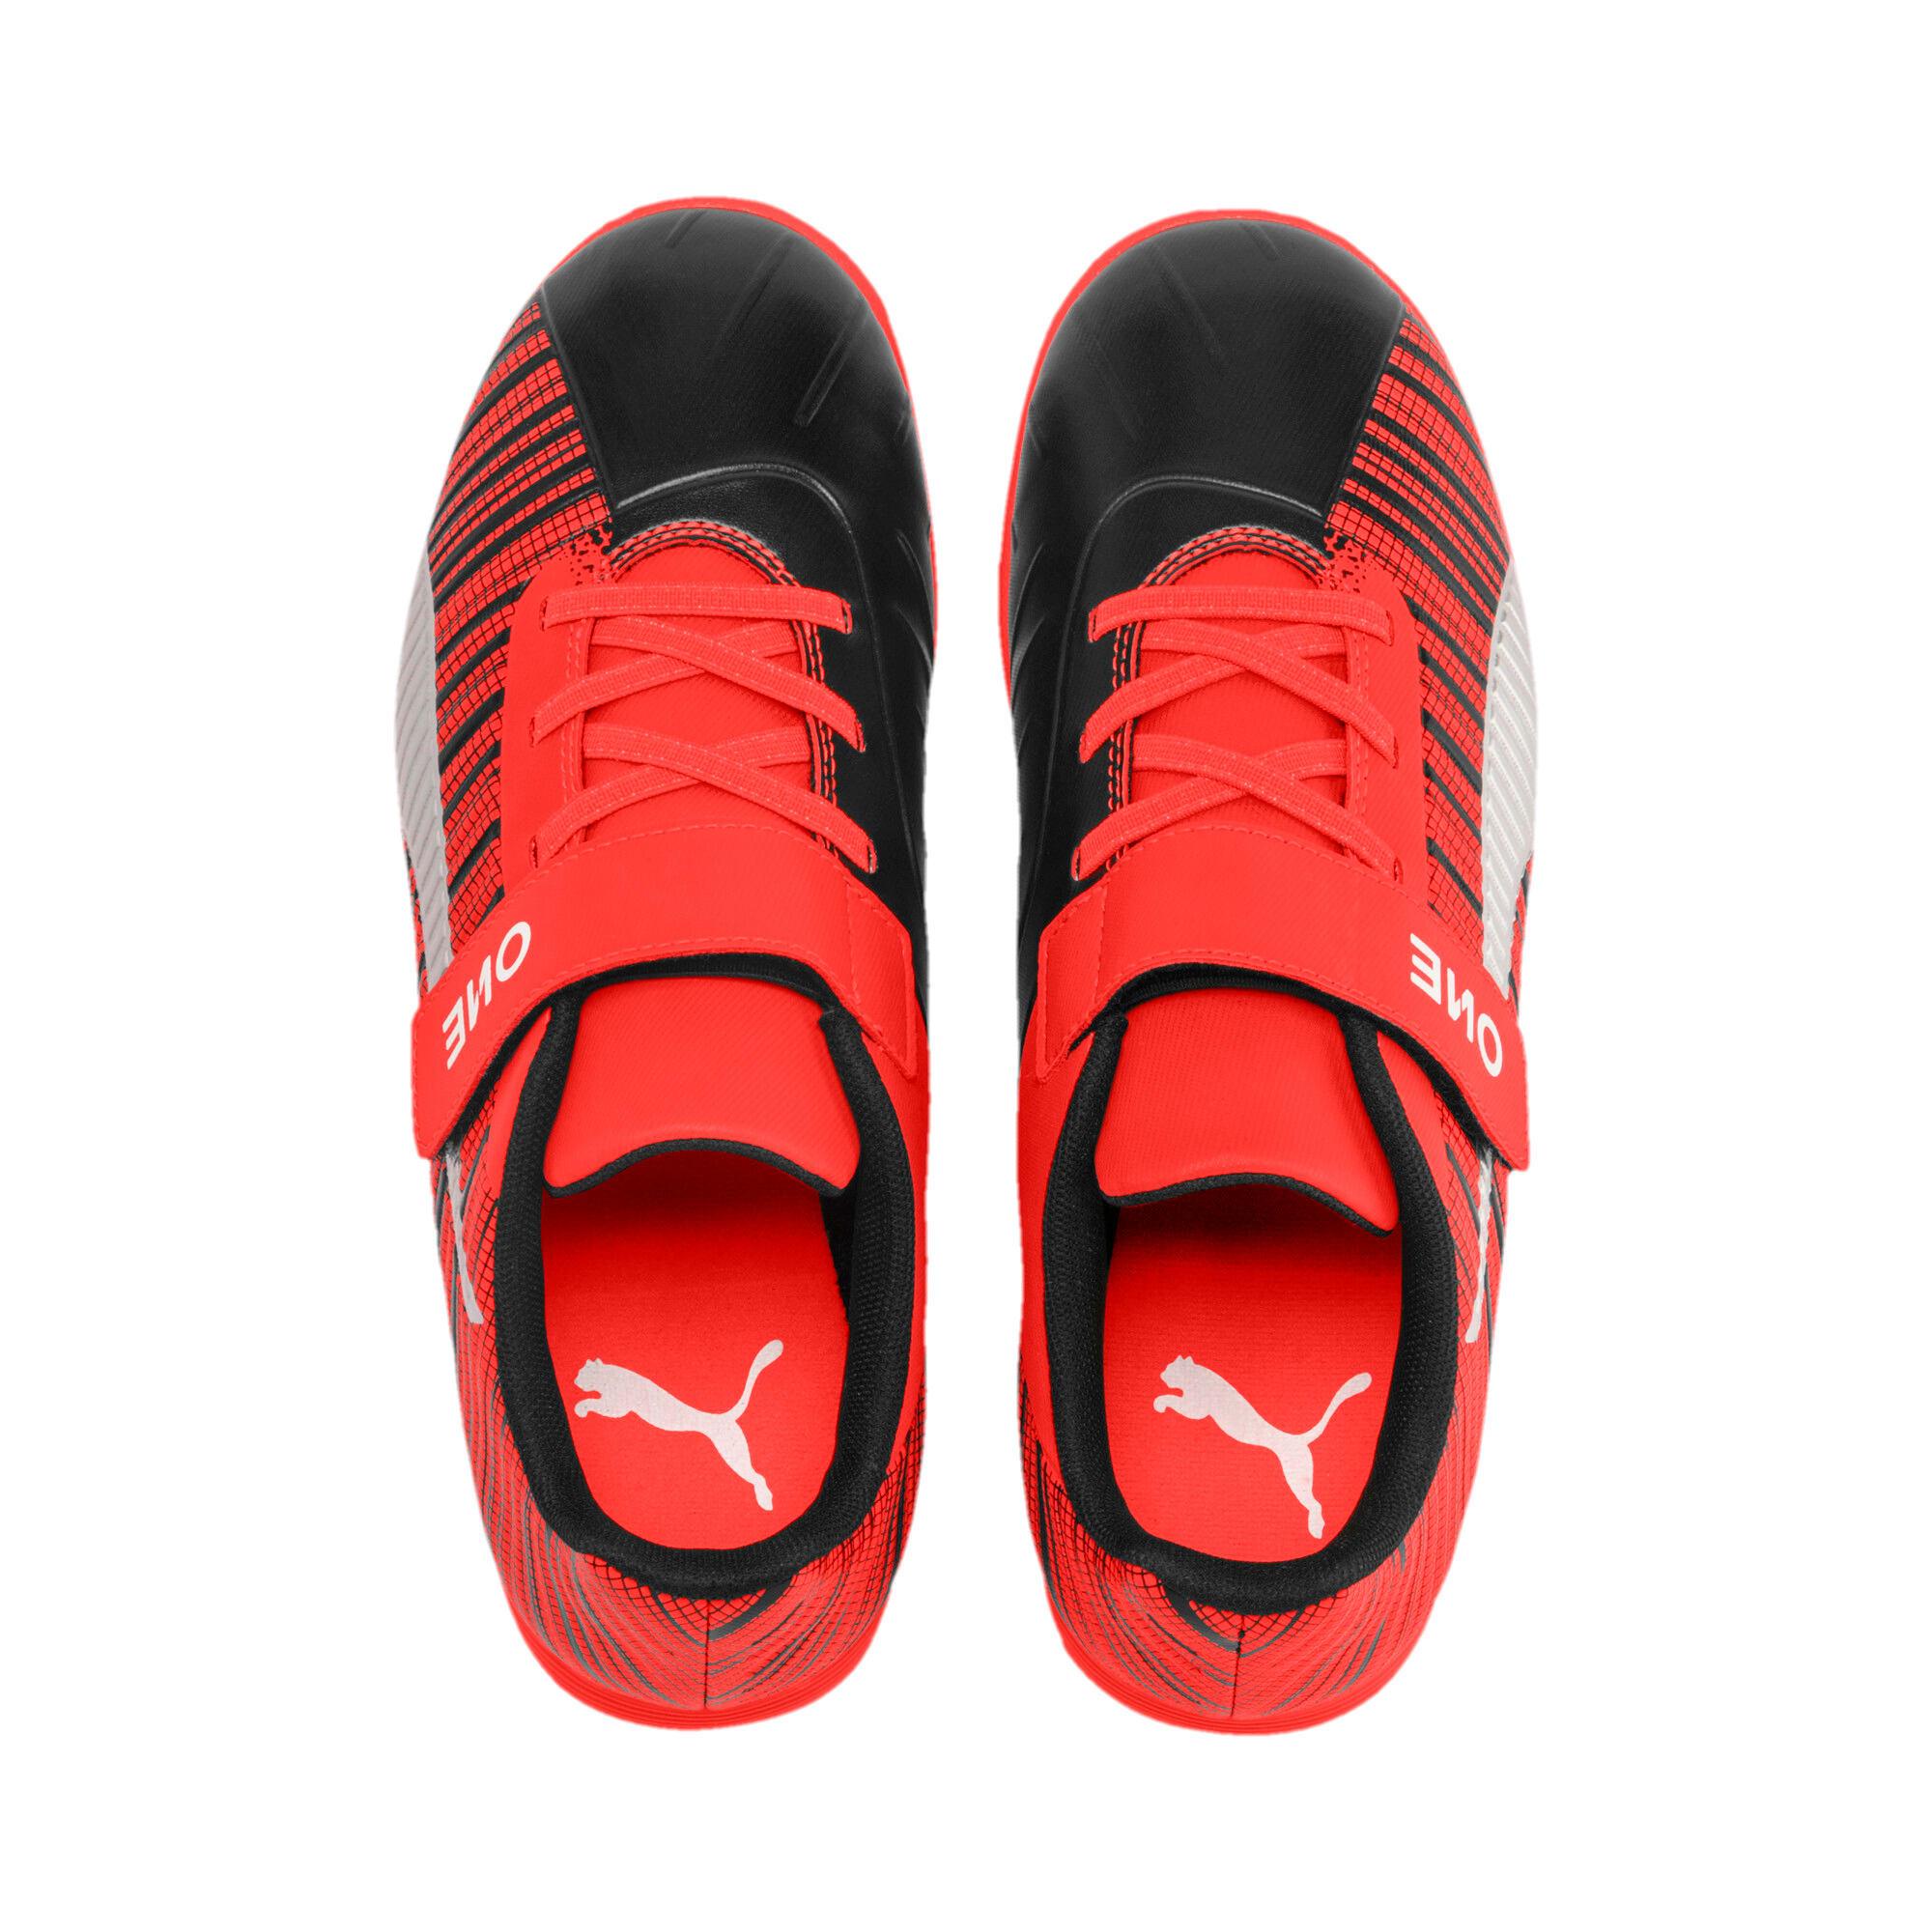 Thumbnail 6 of キッズ プーマ ワン 5.4 サッカー ターフトレーニング V JR 17-24.5CM, Black-Nrgy Red-Aged Silver, medium-JPN